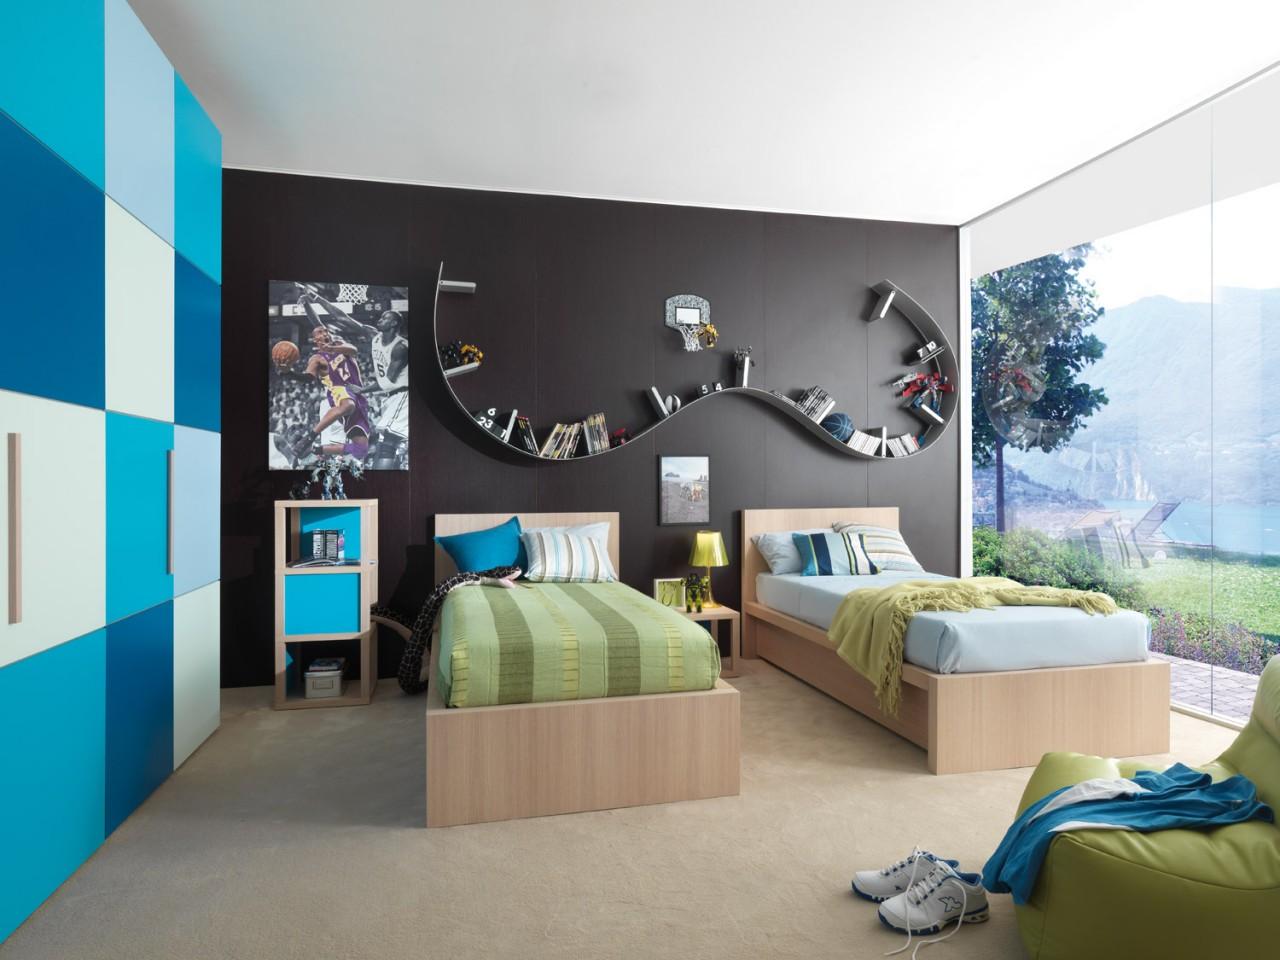 Fotos de dormitorios juveniles para dos chicos for Ideas para decorar cuarto de jovenes